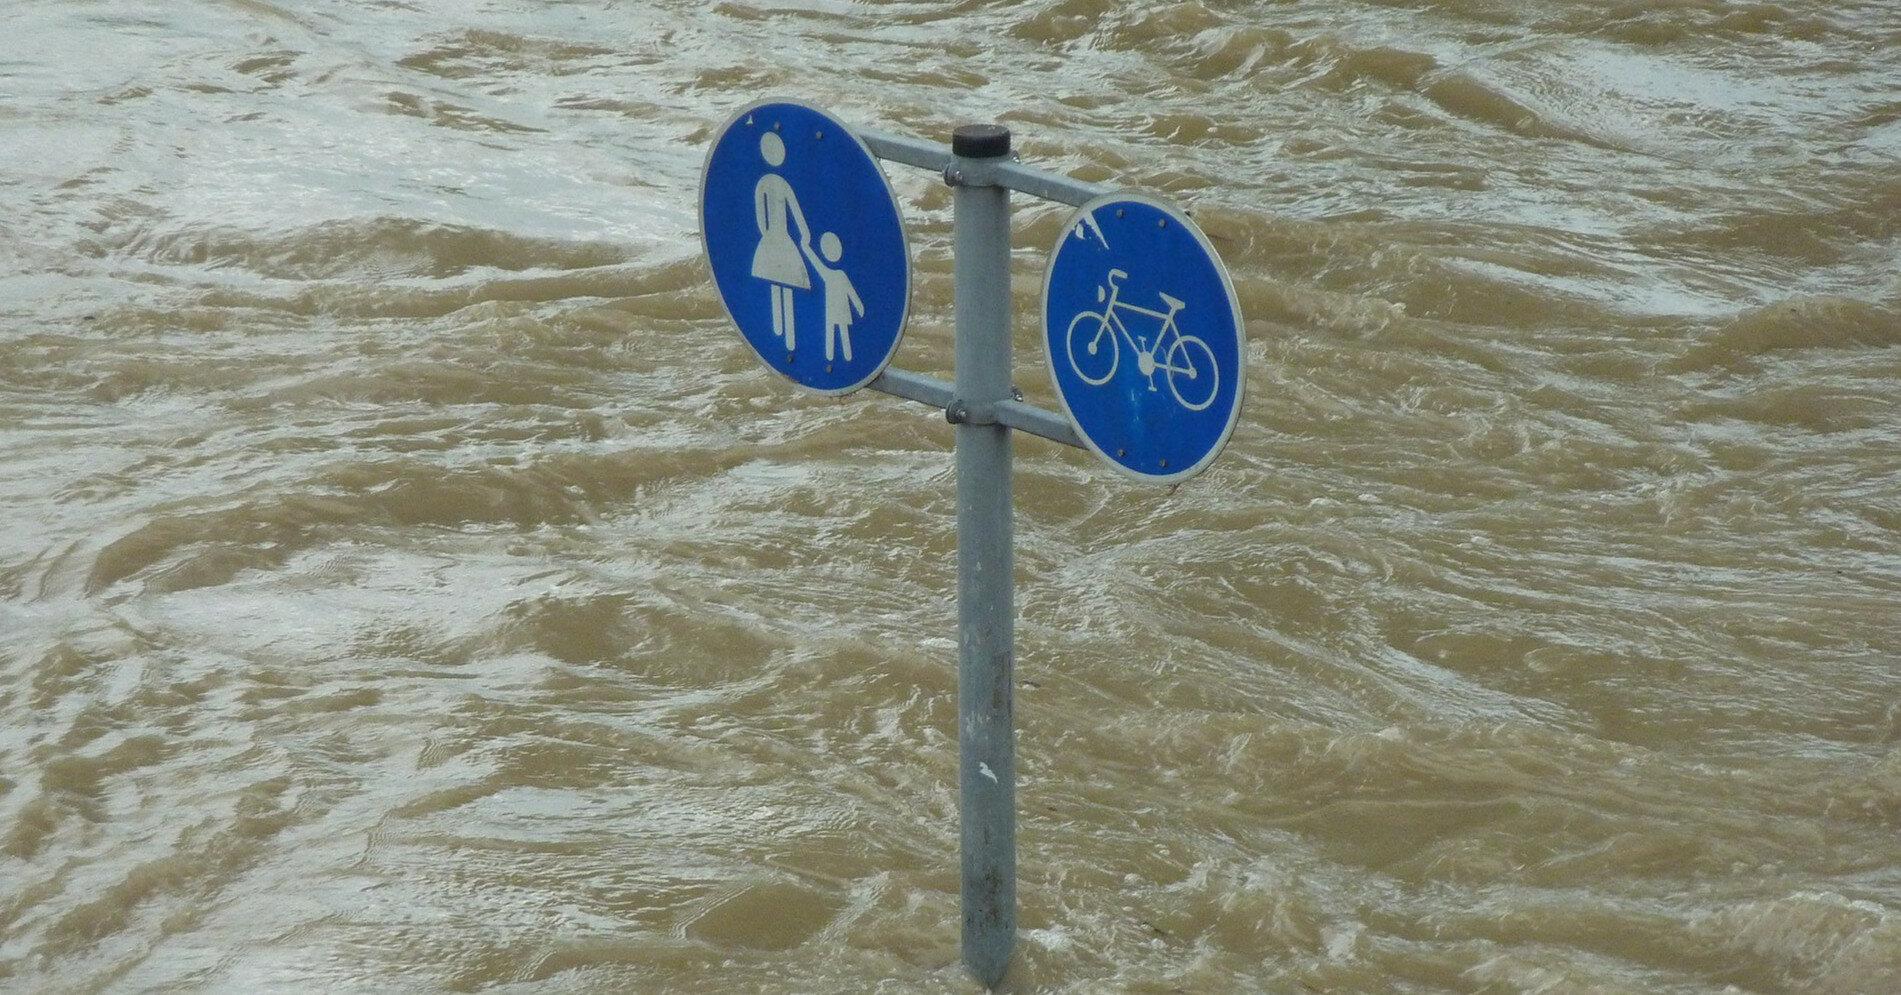 Потоп в Бельгии унес жизни 11 человек